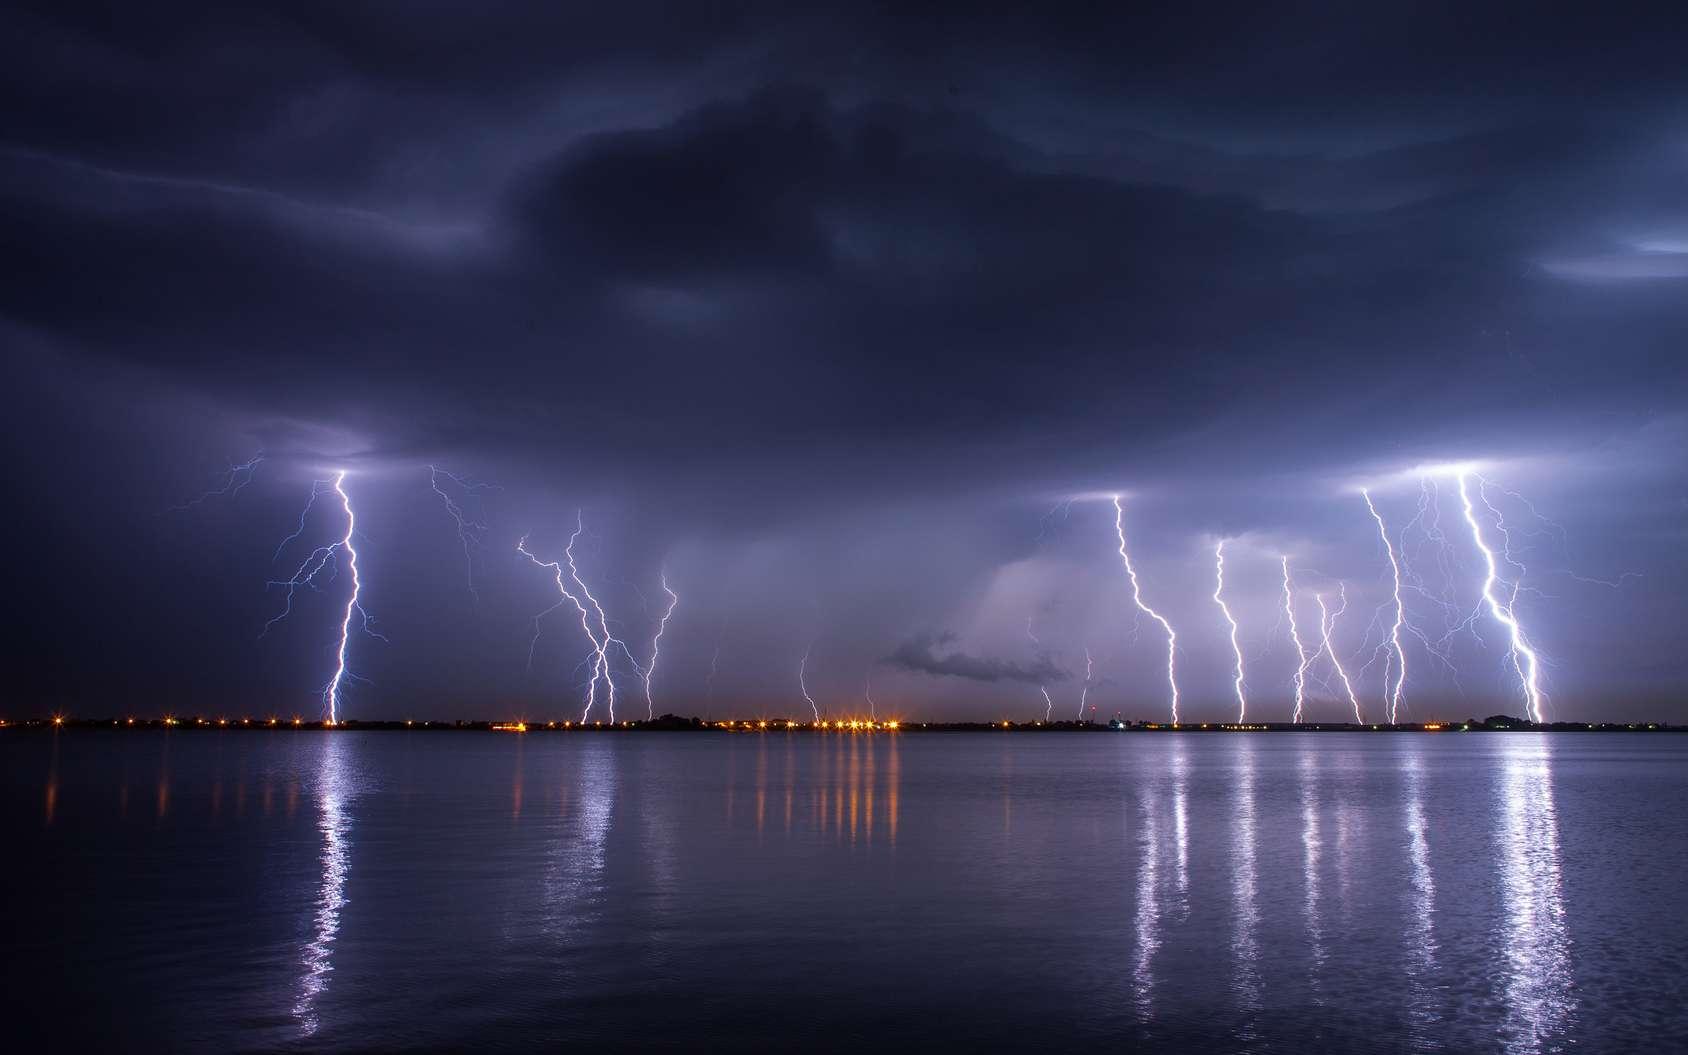 Des coups de tonnerre accompagnent les éclairs qui zèbrent le ciel au cours d'un orage. © danmir12, fotolia